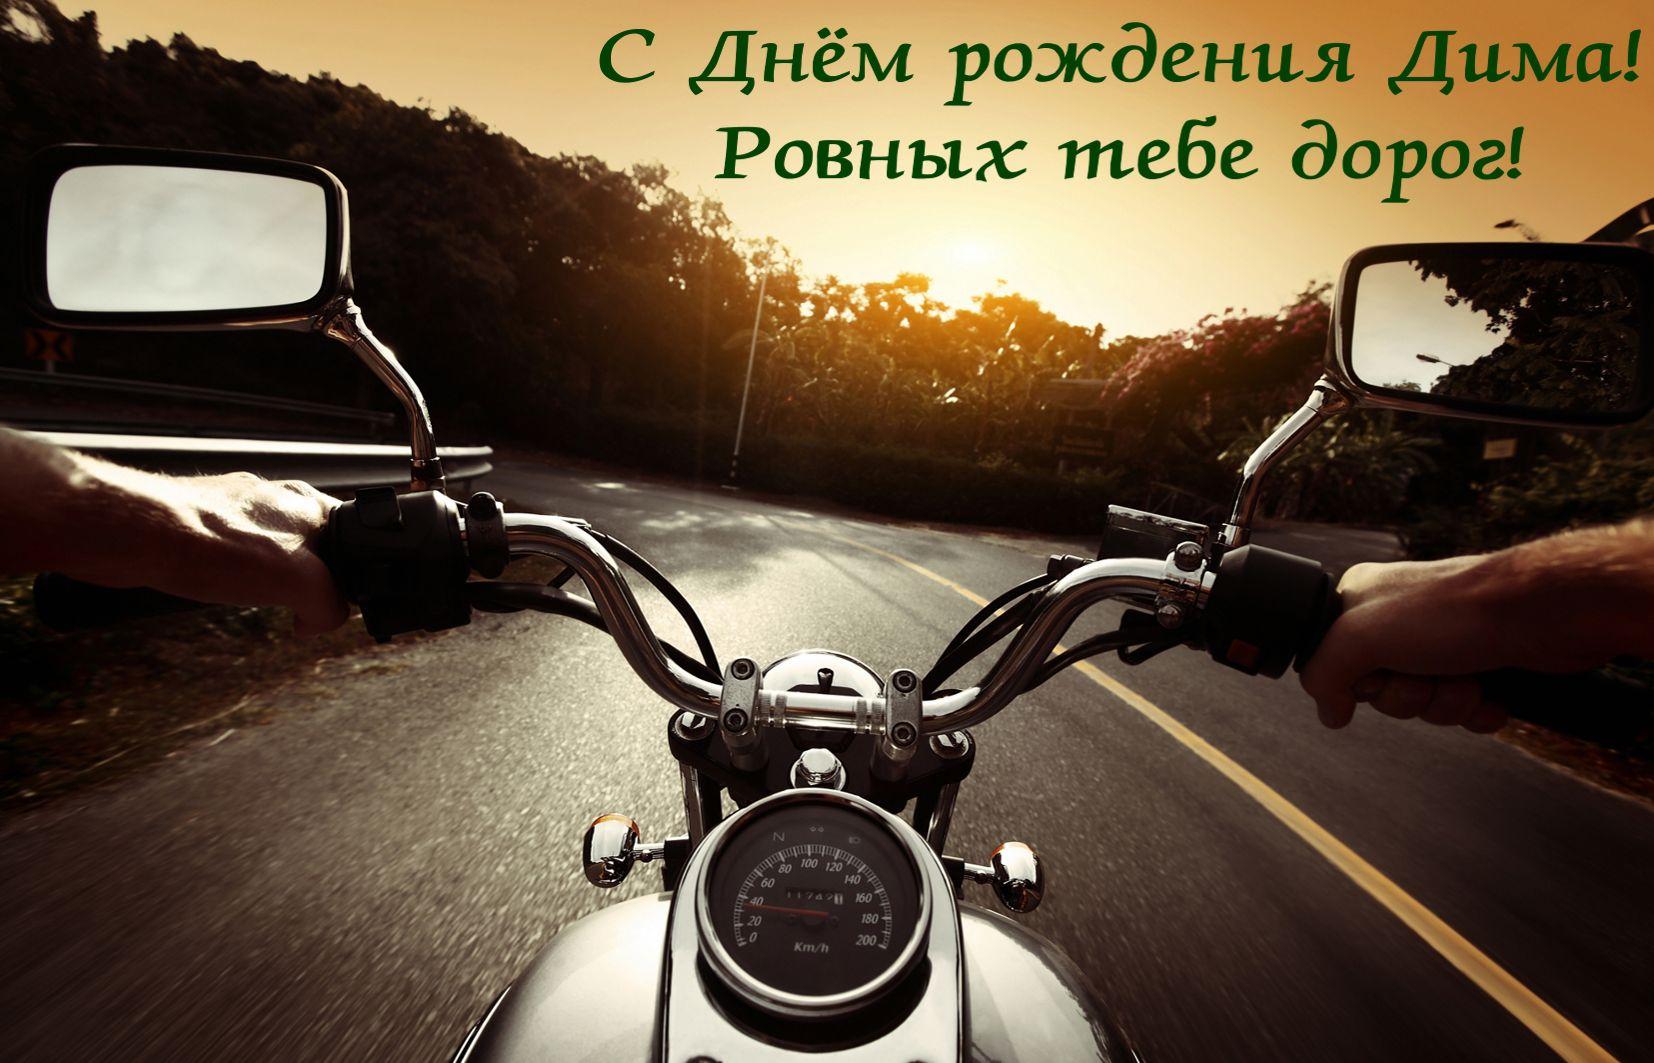 Картинка с красивым видом с мотоцикла на День рождения Дмитрию